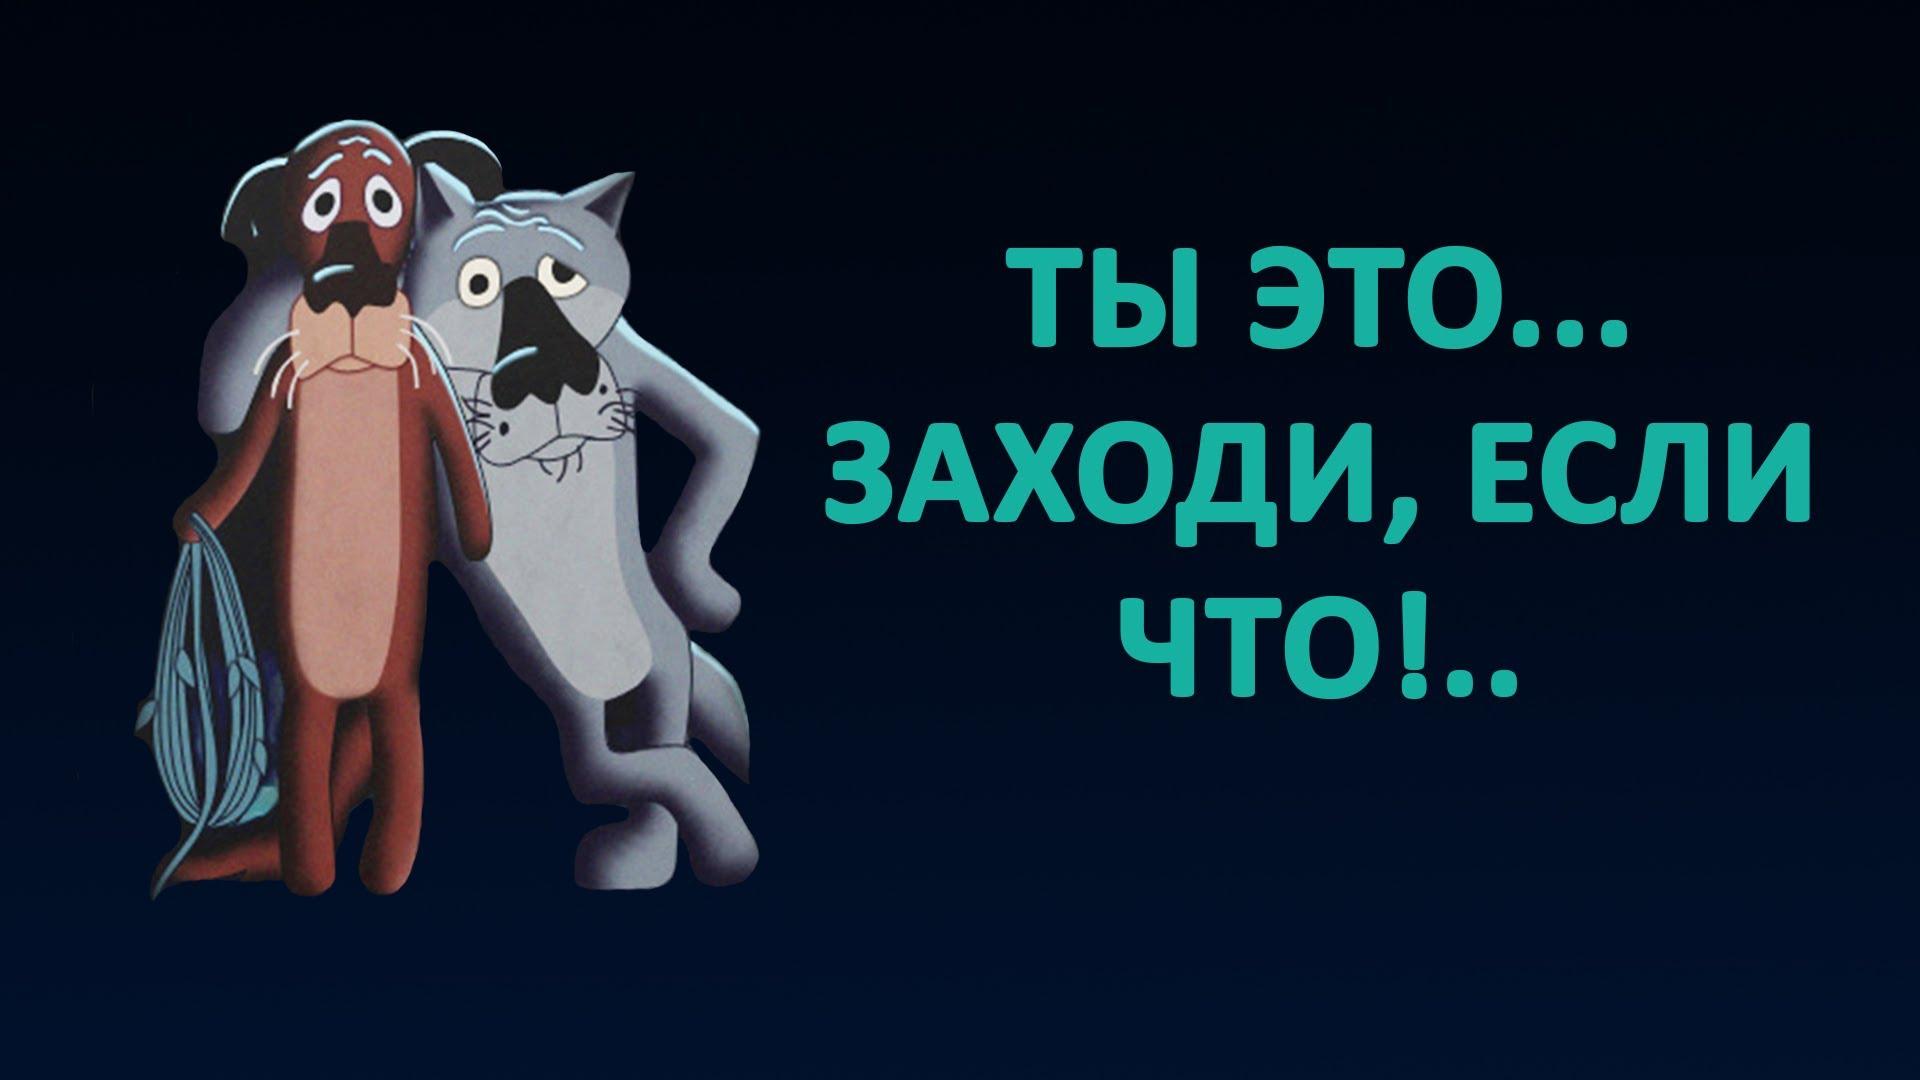 Скачать мультфильм жил-был пес dvdrip бесплатно.